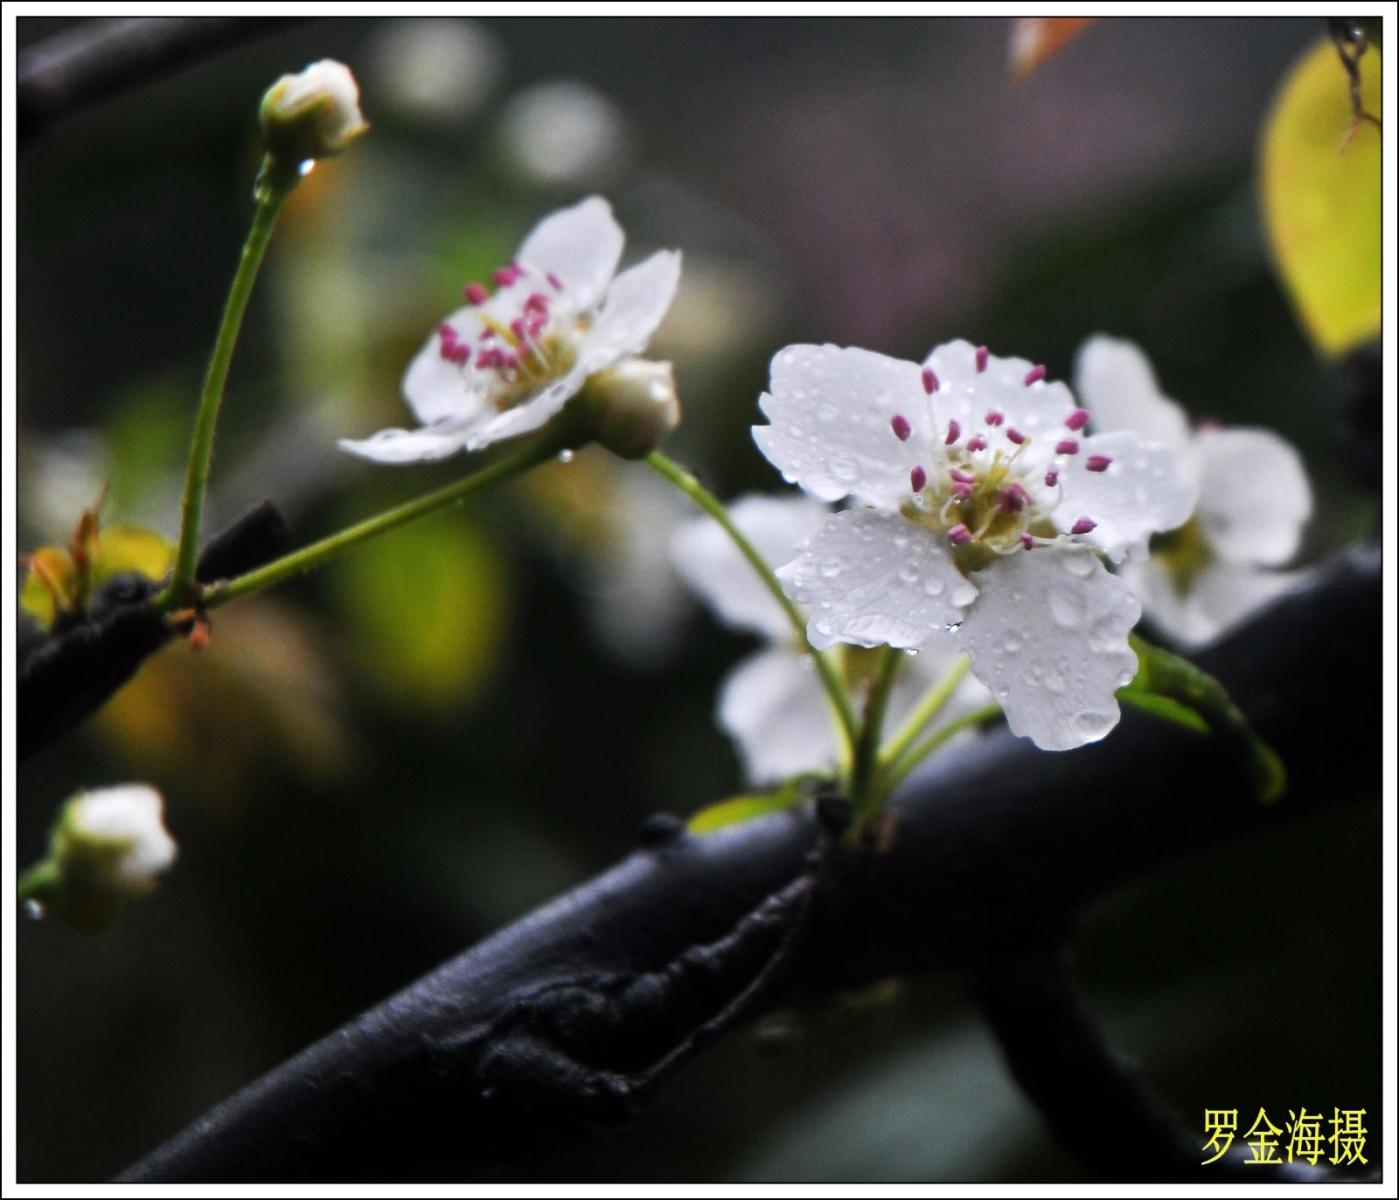 美丽中国,我是行动者(诗歌)_图1-3